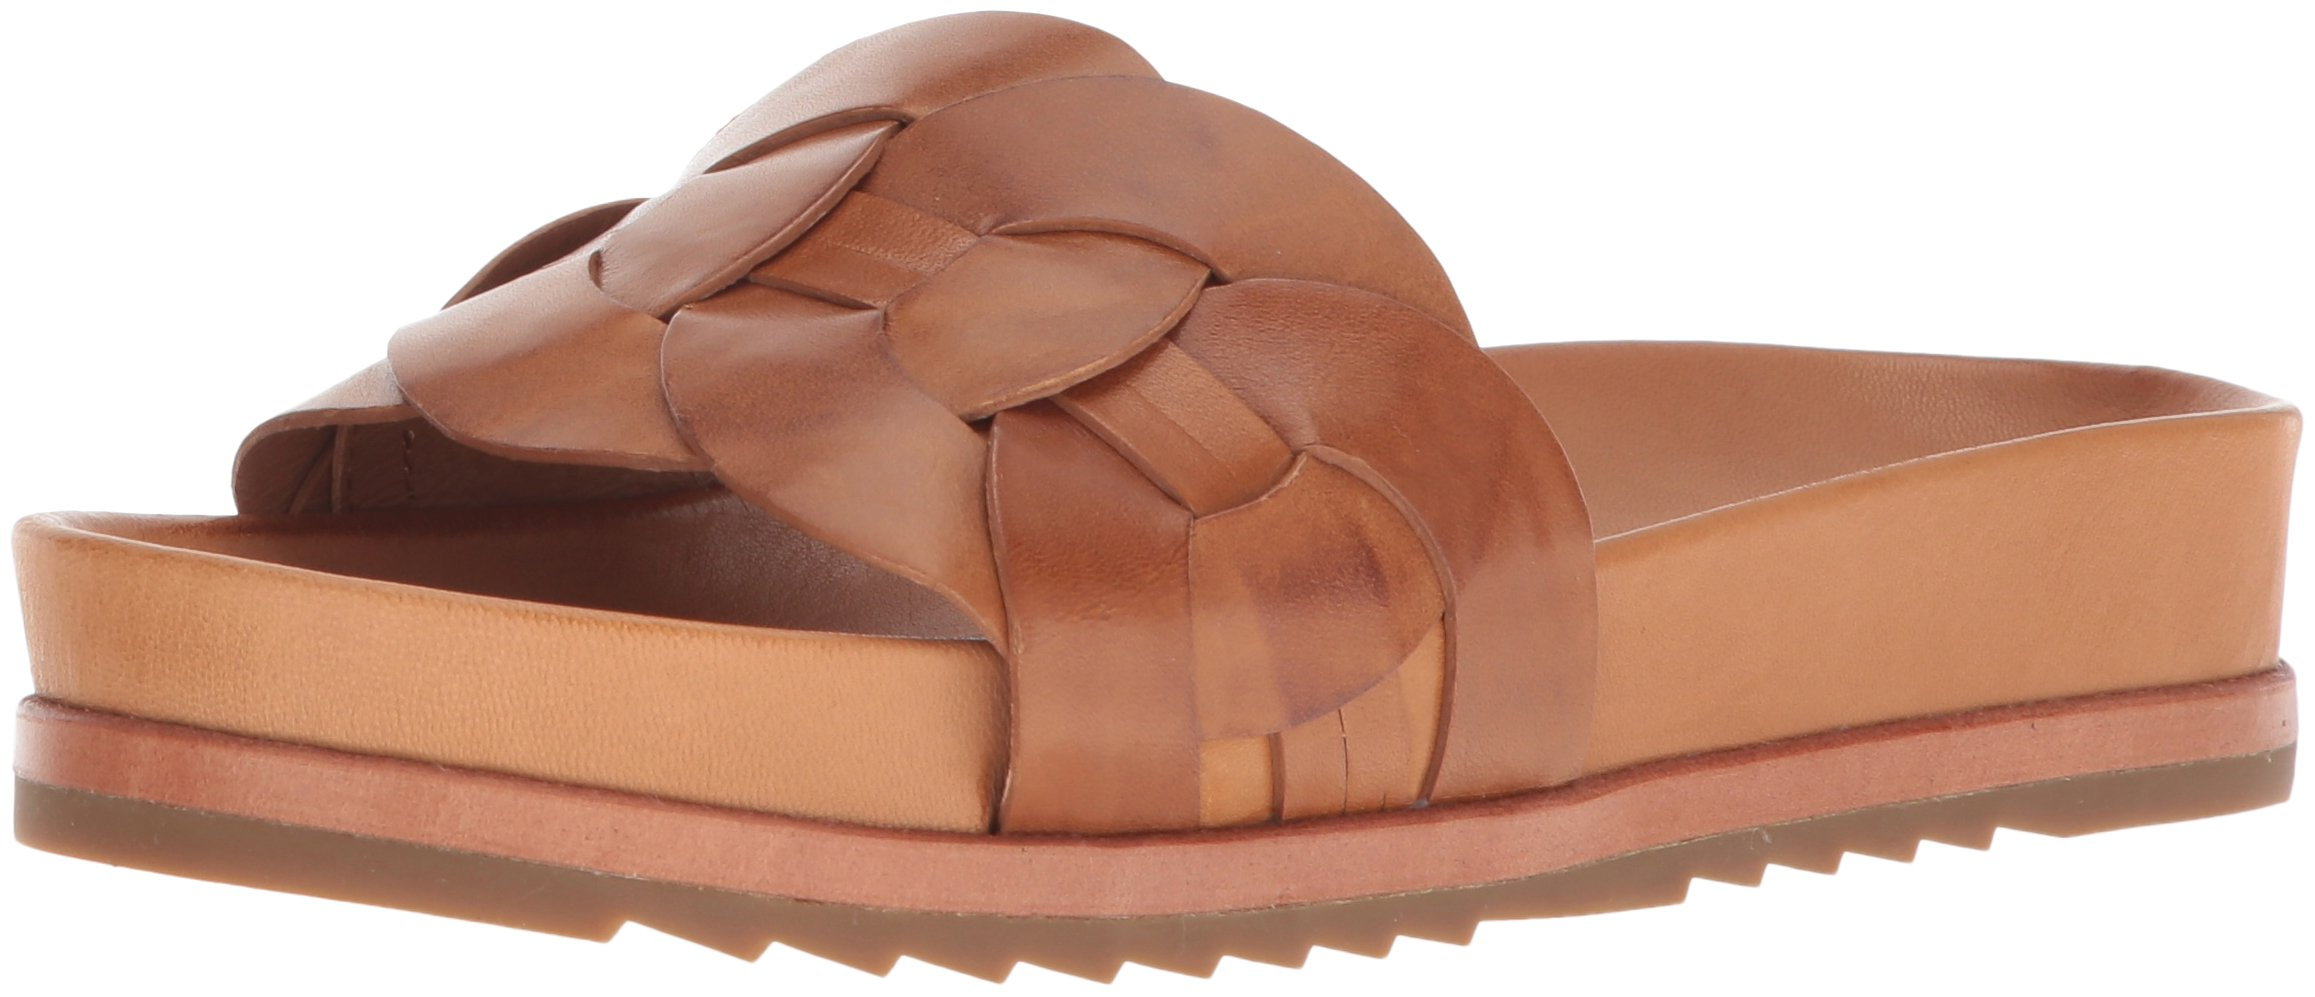 FRYE Women's Lily Leather Ring Slide Sneaker, Tan, 6 M US